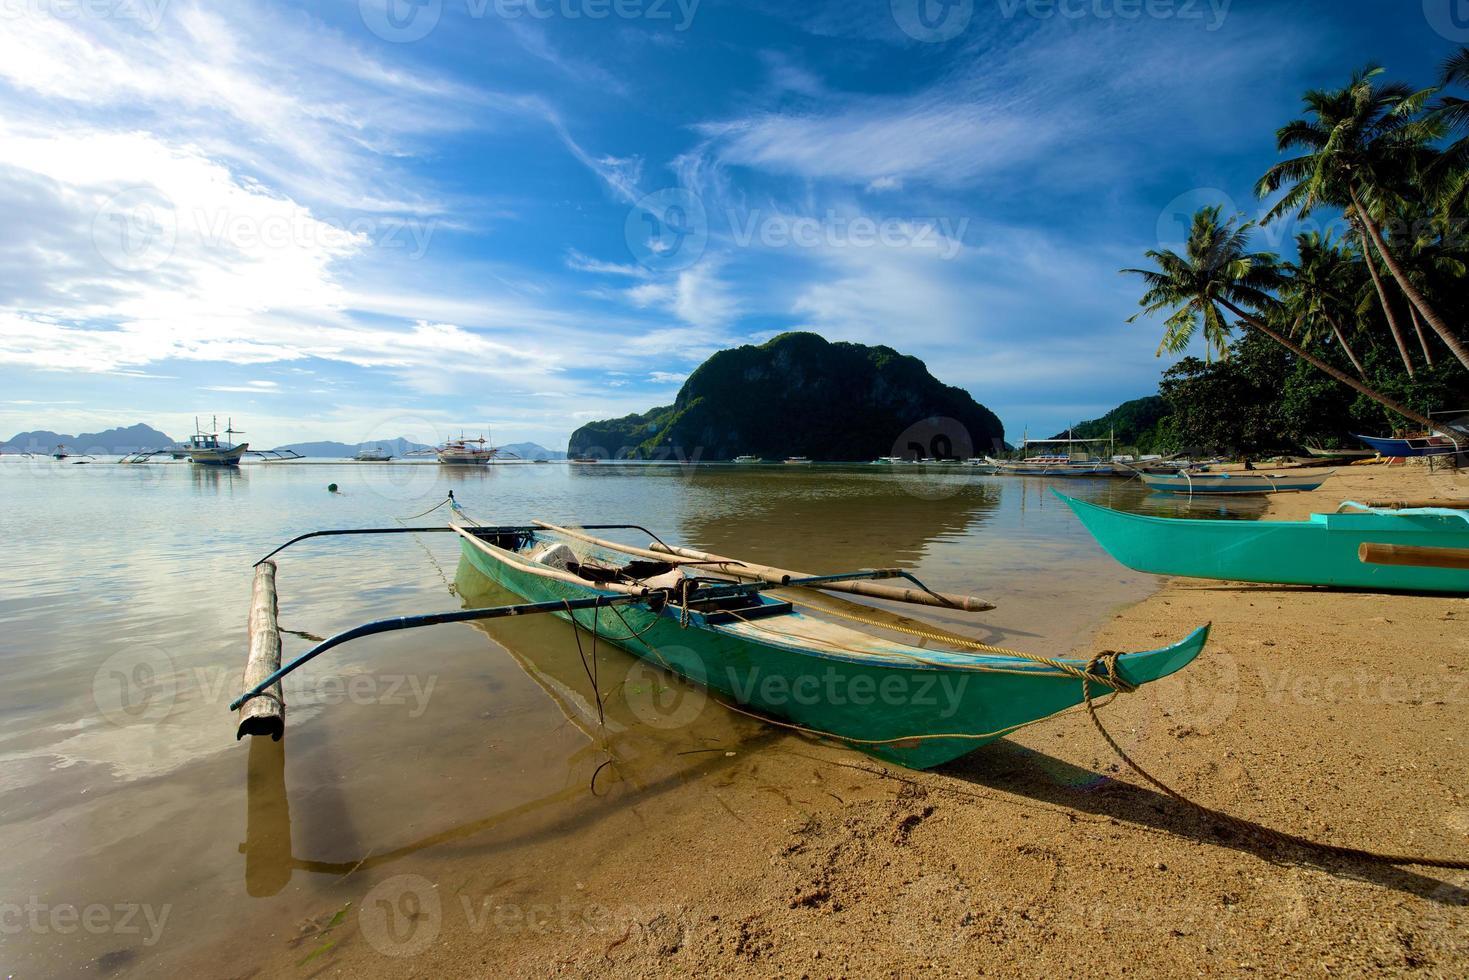 El Nido Canoe boat photo